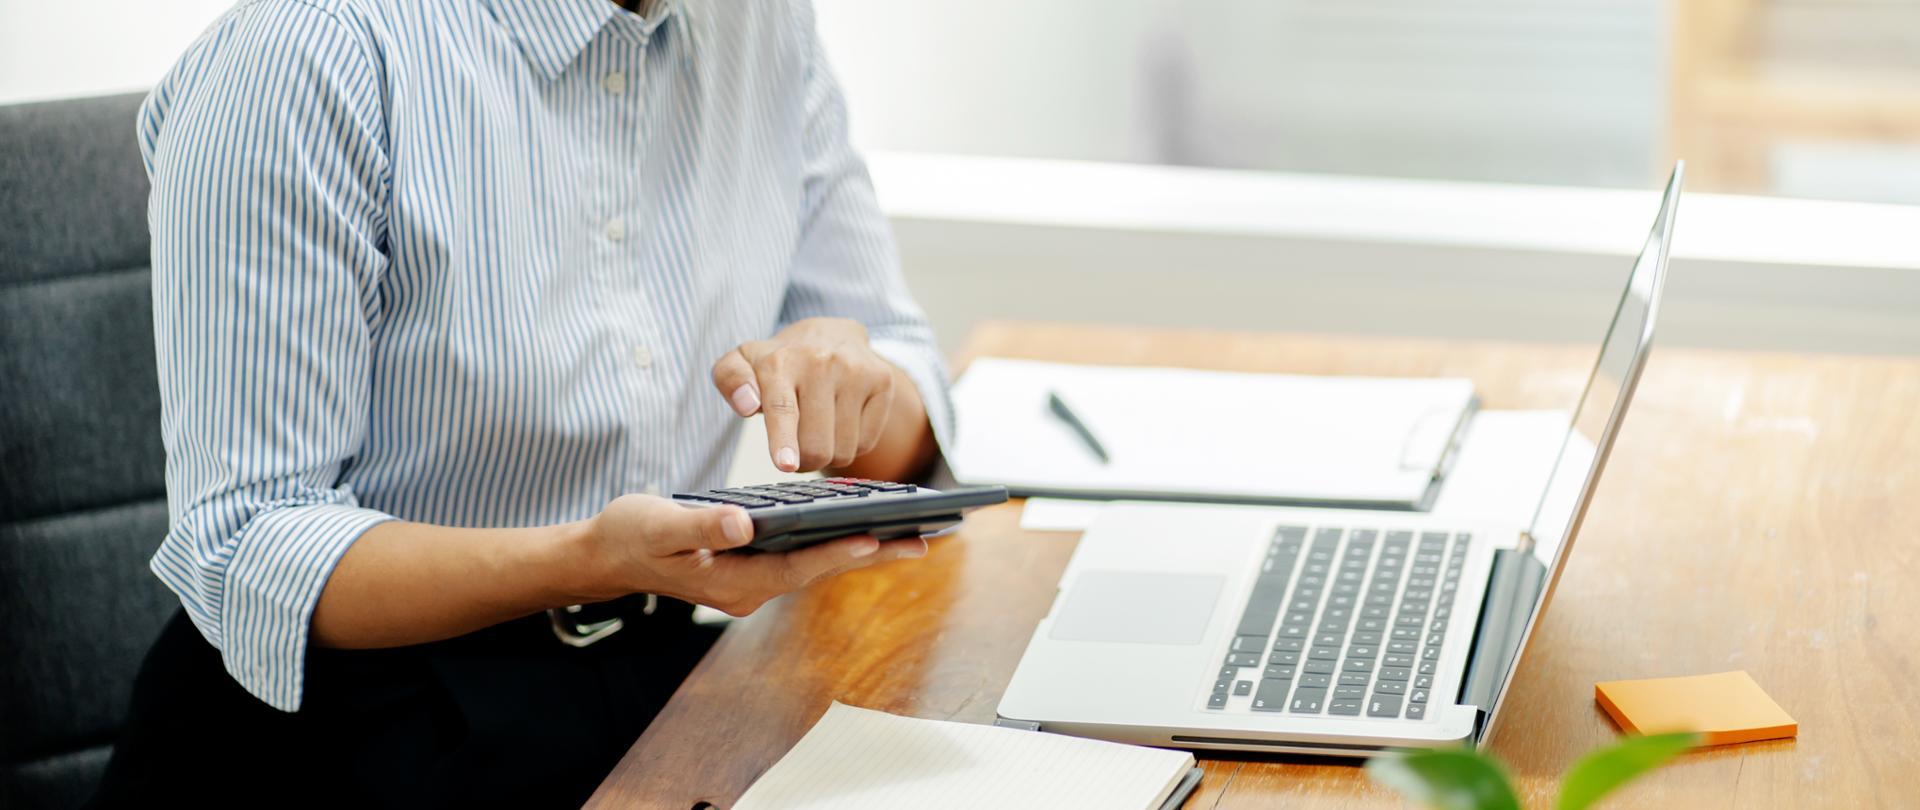 Kobieta wykonuje działania matematyczne na kalkulatorze parząc się przy tym jednocześnie na laptopa.